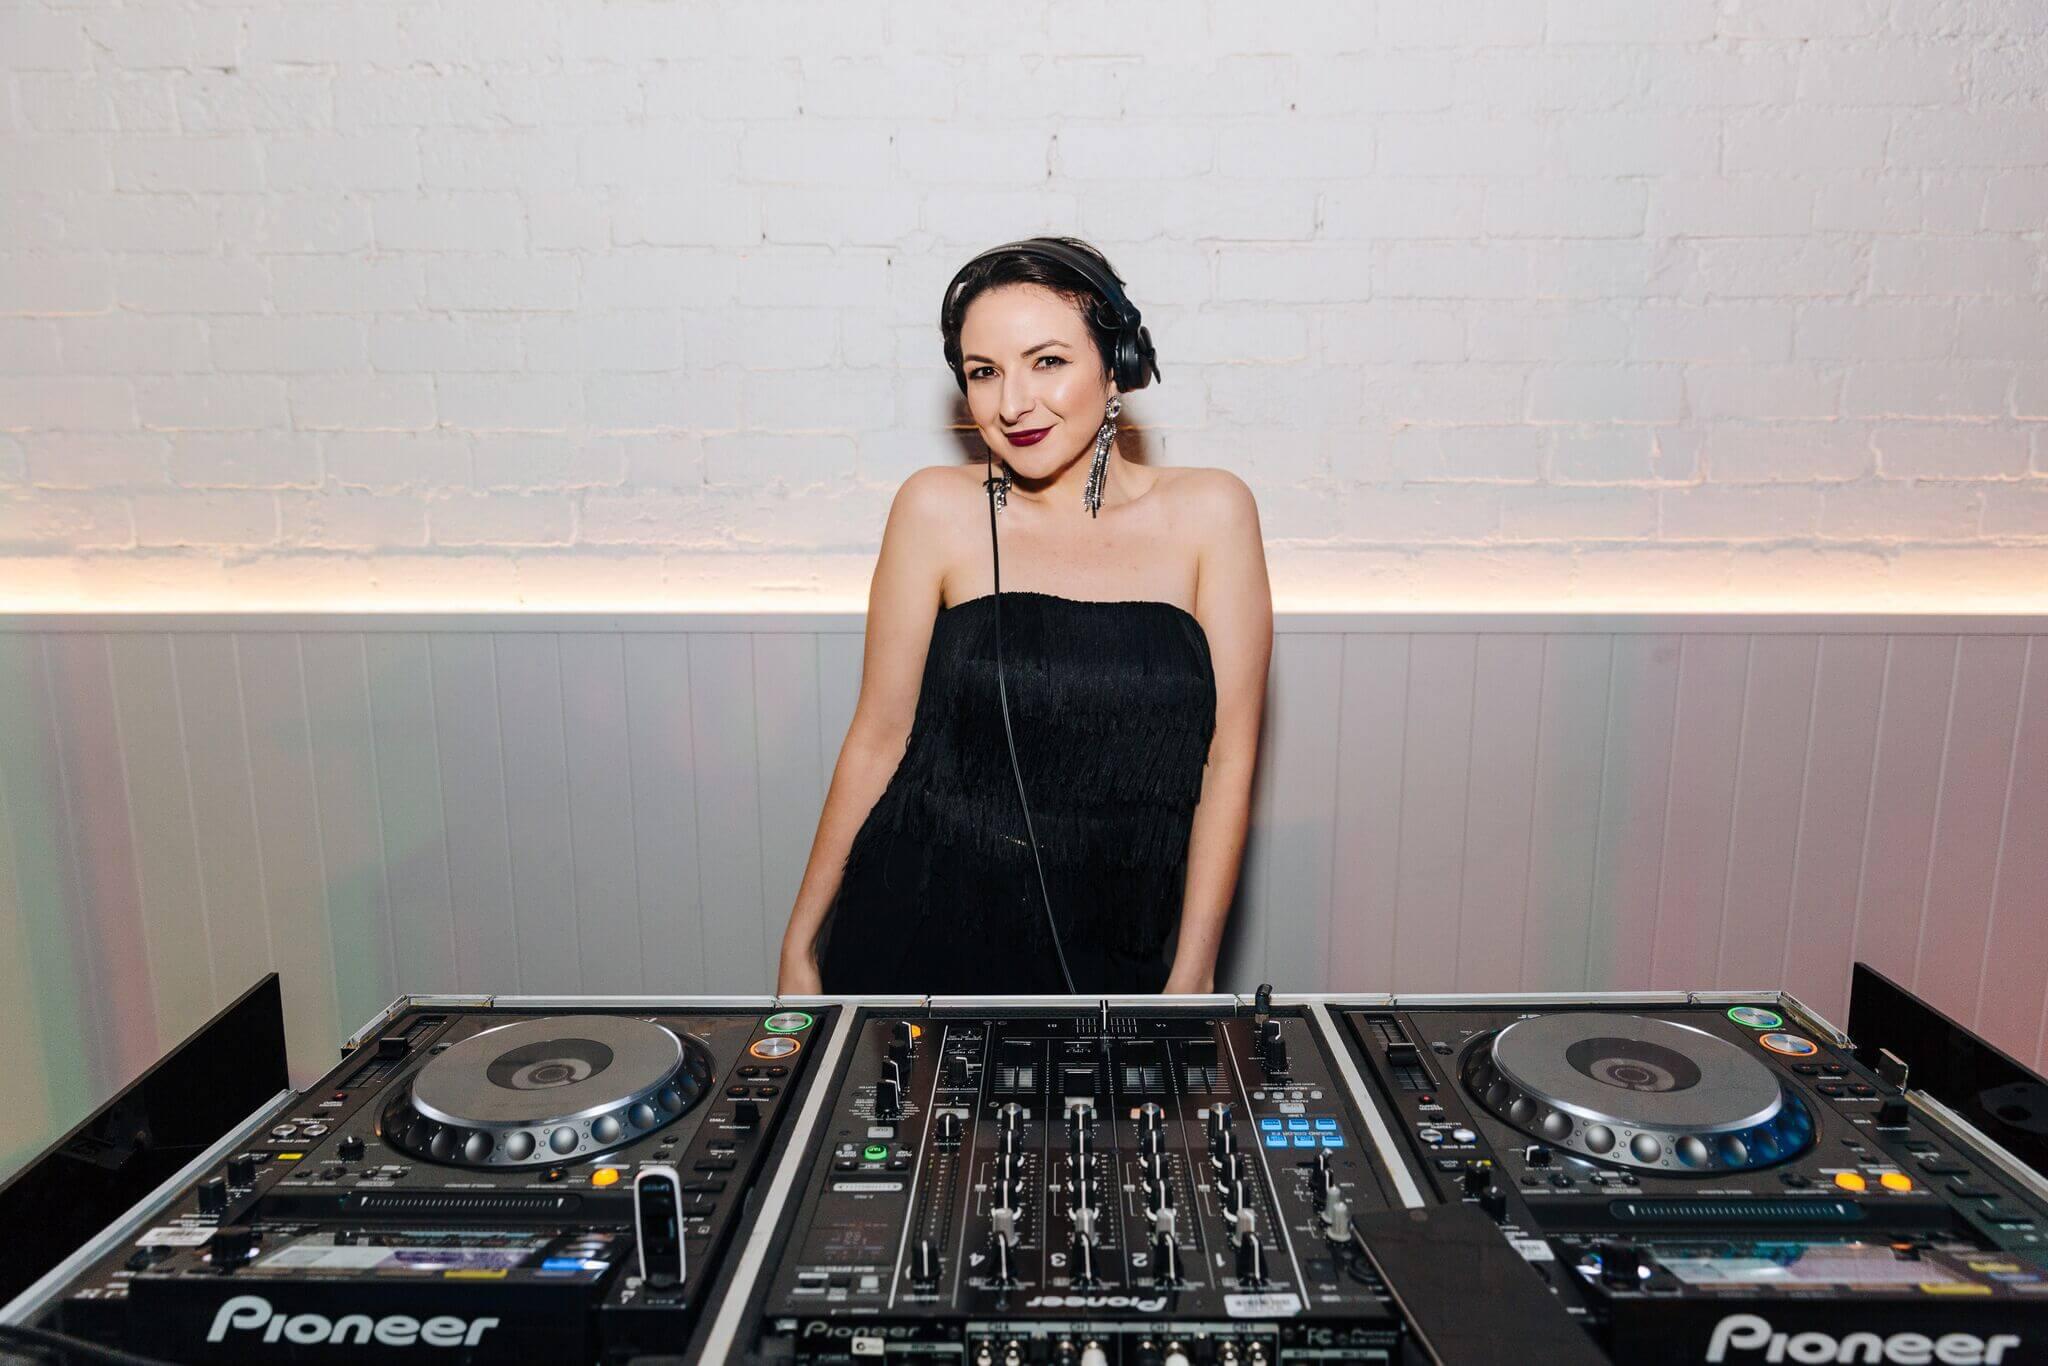 DJ Mimi